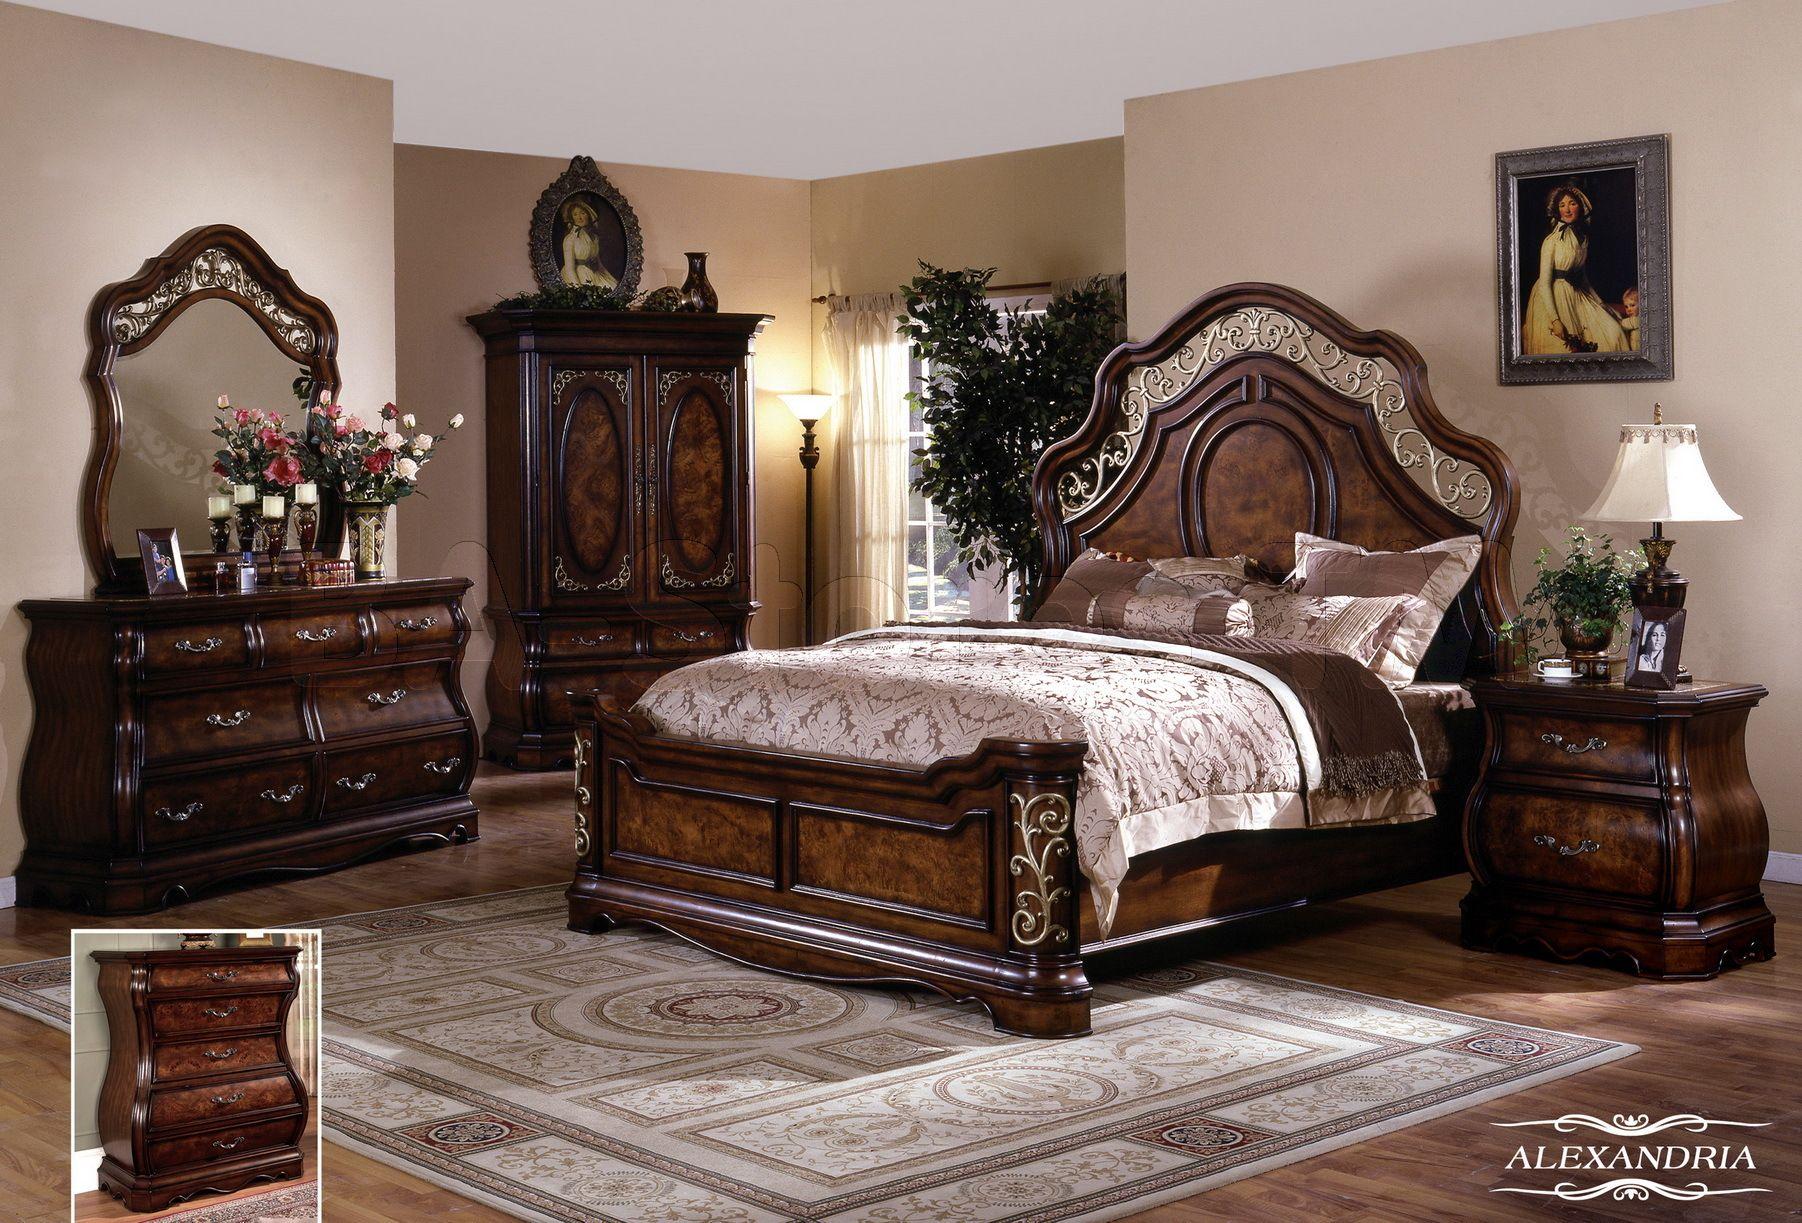 Alexandria 5 Pc Bedroom Set Queen Bed Dresser Mirror